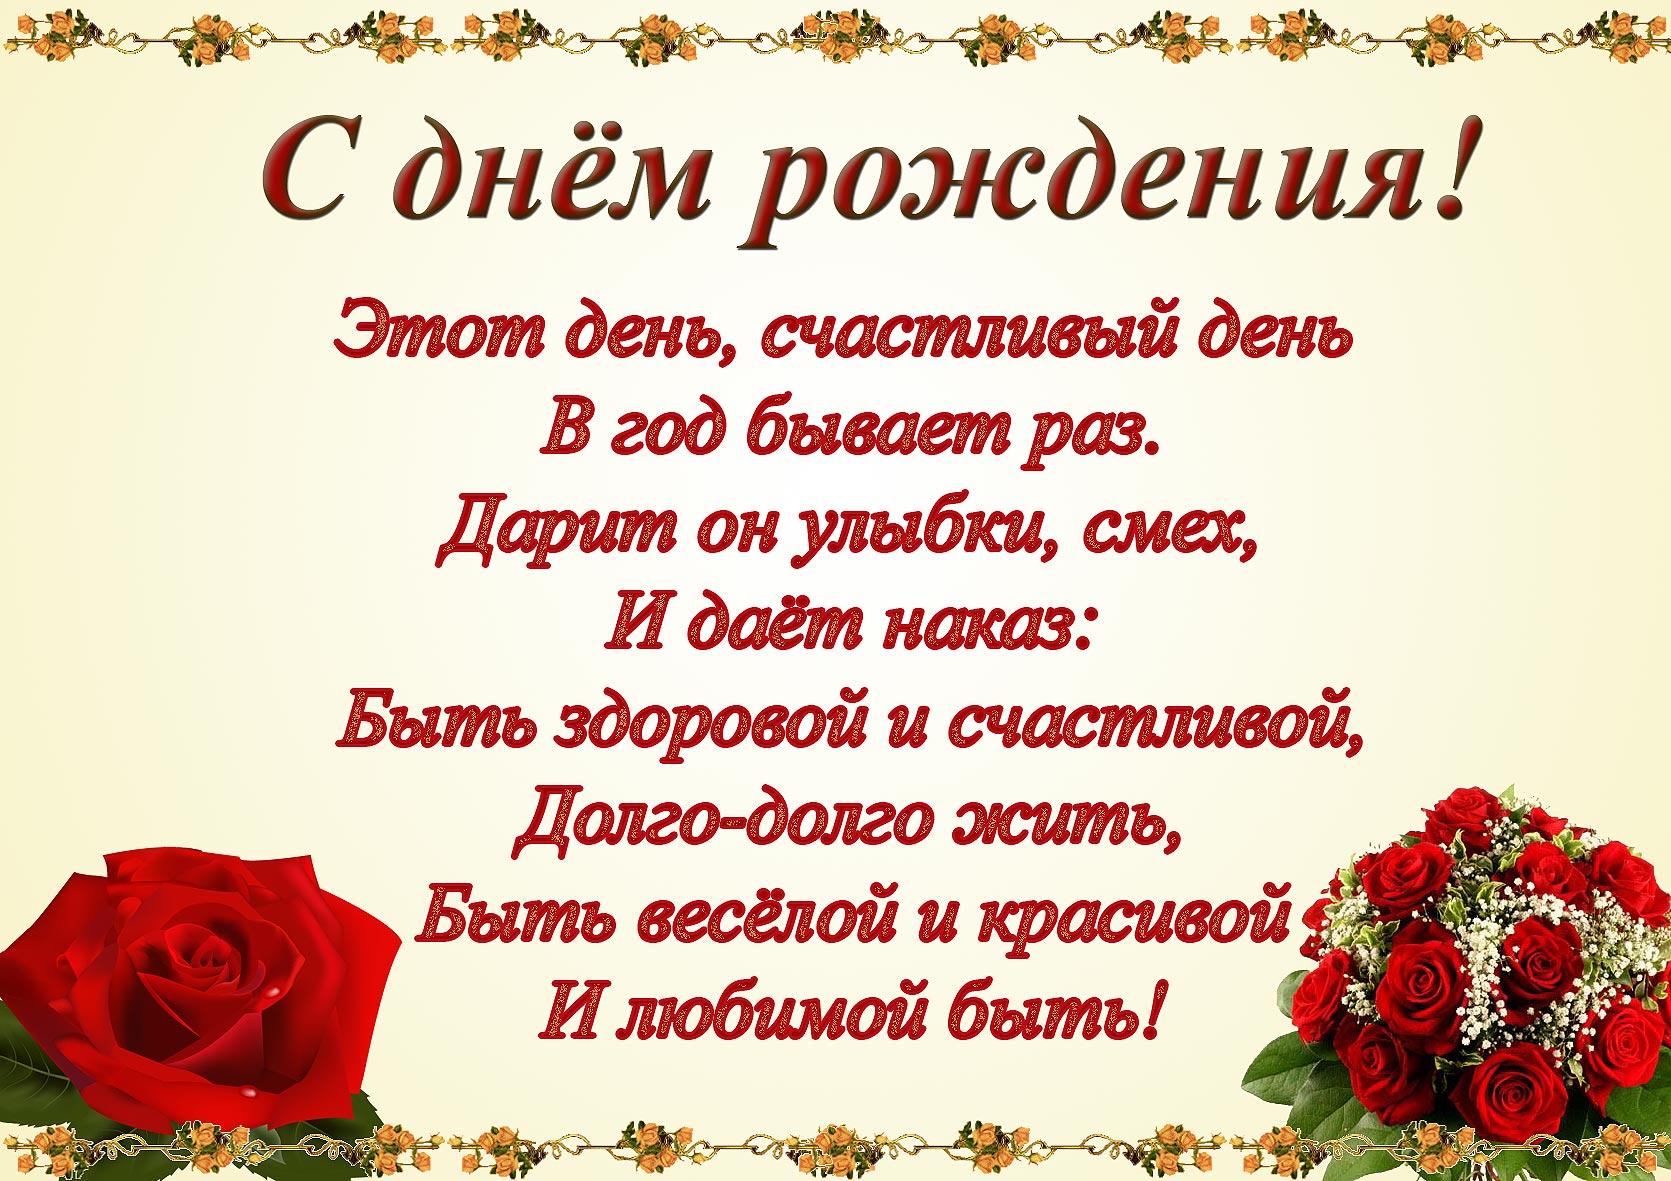 Поздравляем с Днем Рождения  ДМИТРЕНКО  ТАТЬЯНУ  ГЕОРГИЕВНУ (ФИАЛКУ)! 1338117485_7